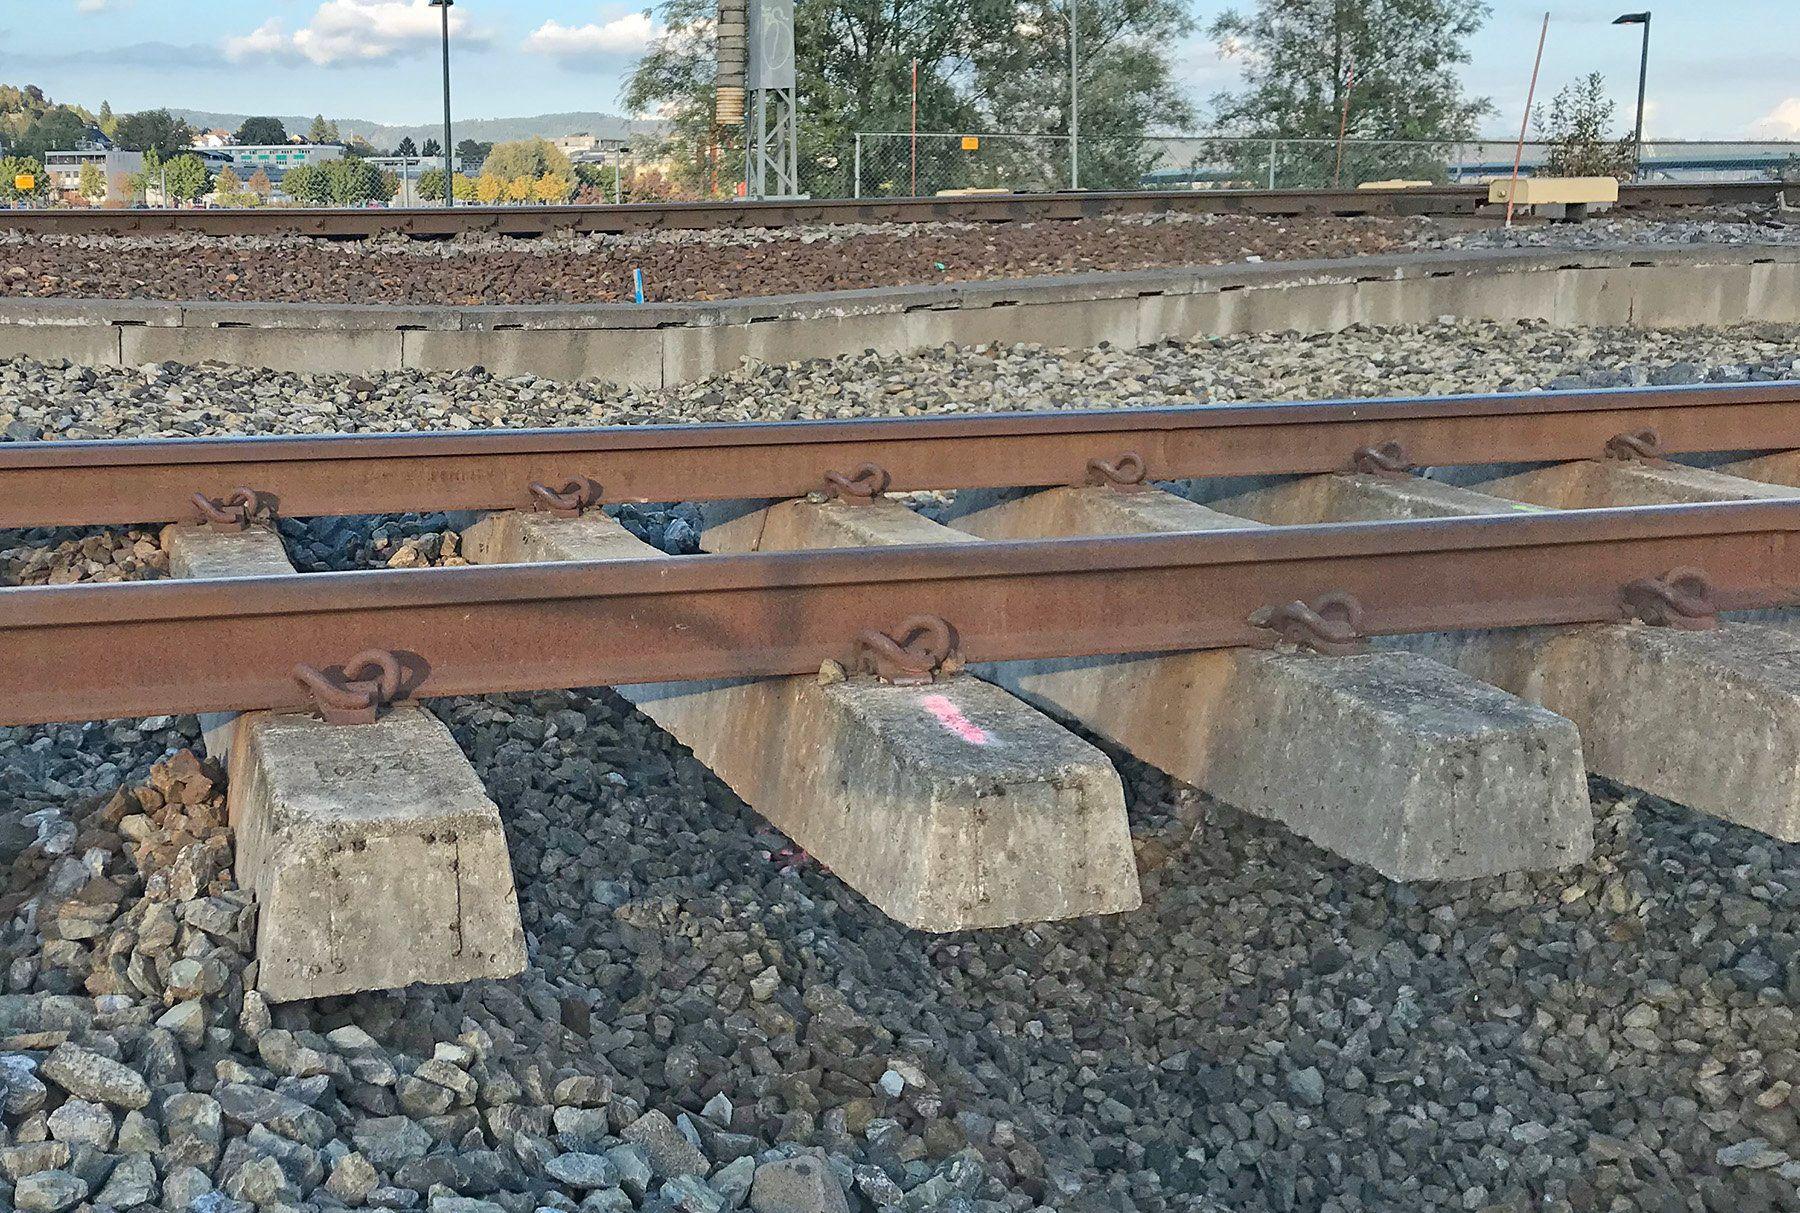 Toget mellom Drammen og Asker har vært innstilt siden onsdag ettermiddag på grunn av utgliding av masser  i forbindelse med byggearbeider. Arbeidene vil trolig pågå utover torsdagen.